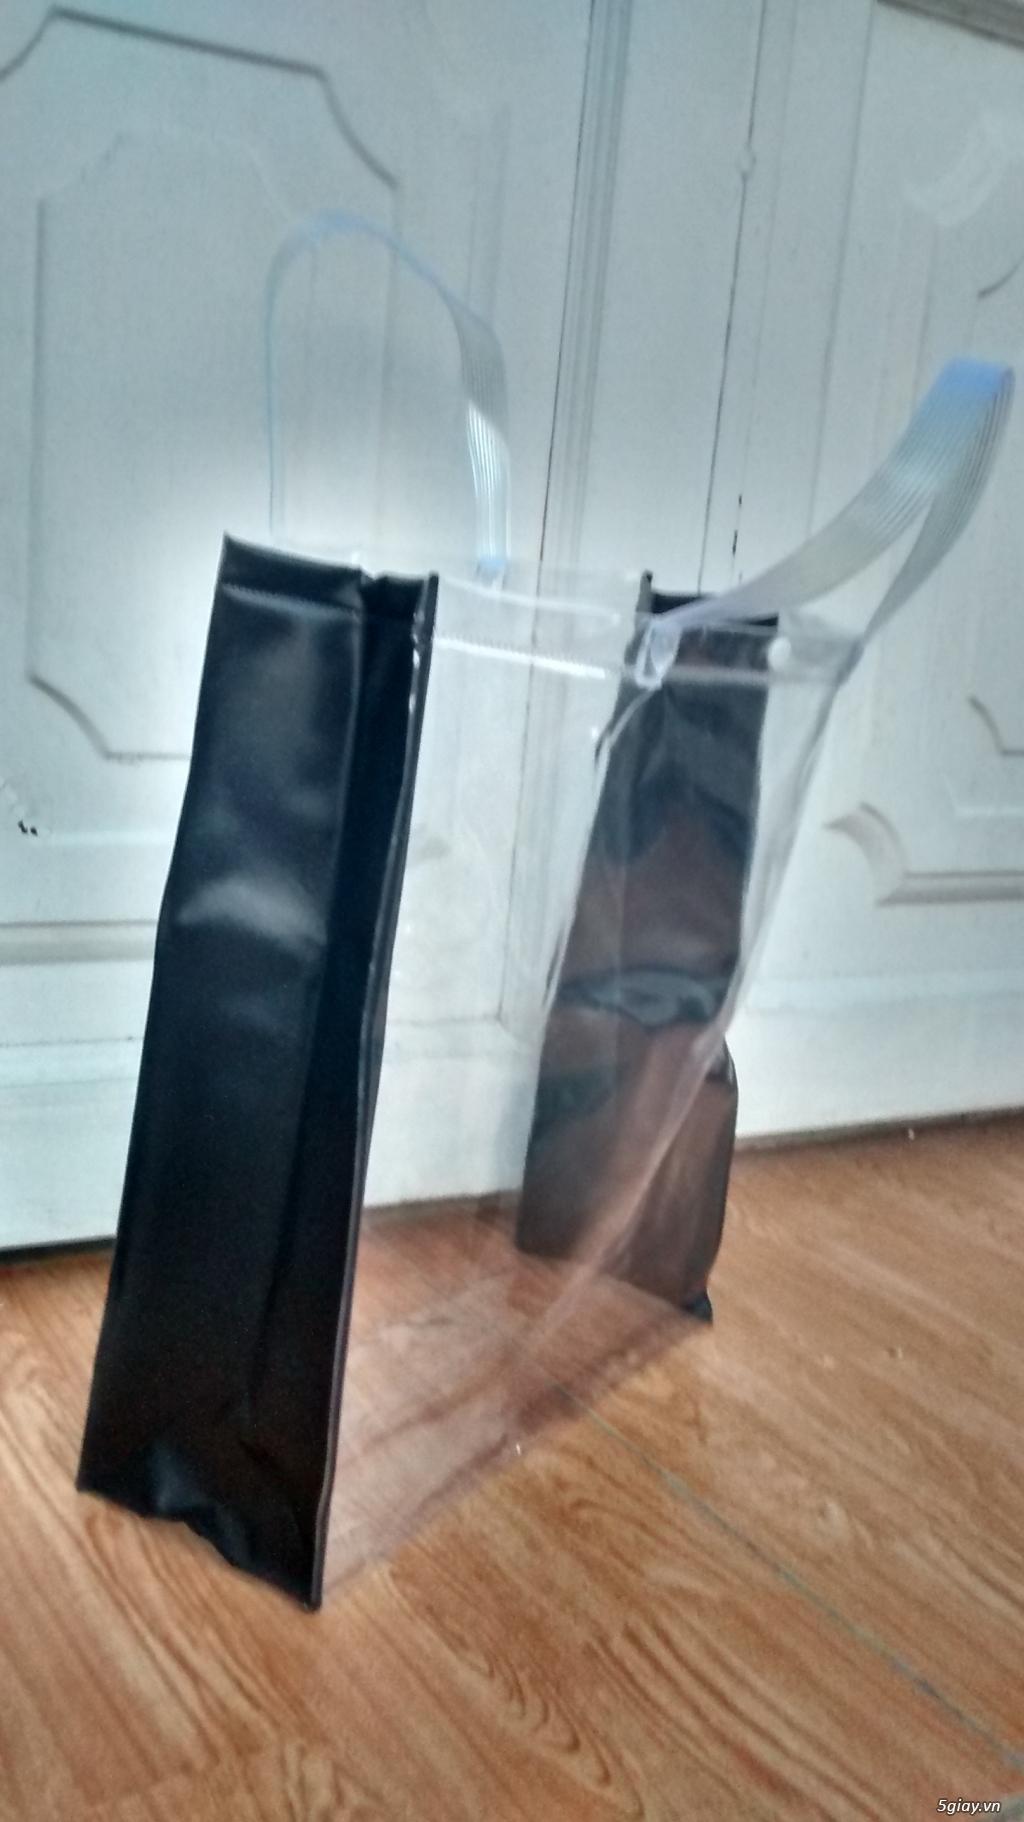 Thiết kế, in, gia công bao bì, túi nhựa trong PVC, túi simily - 1